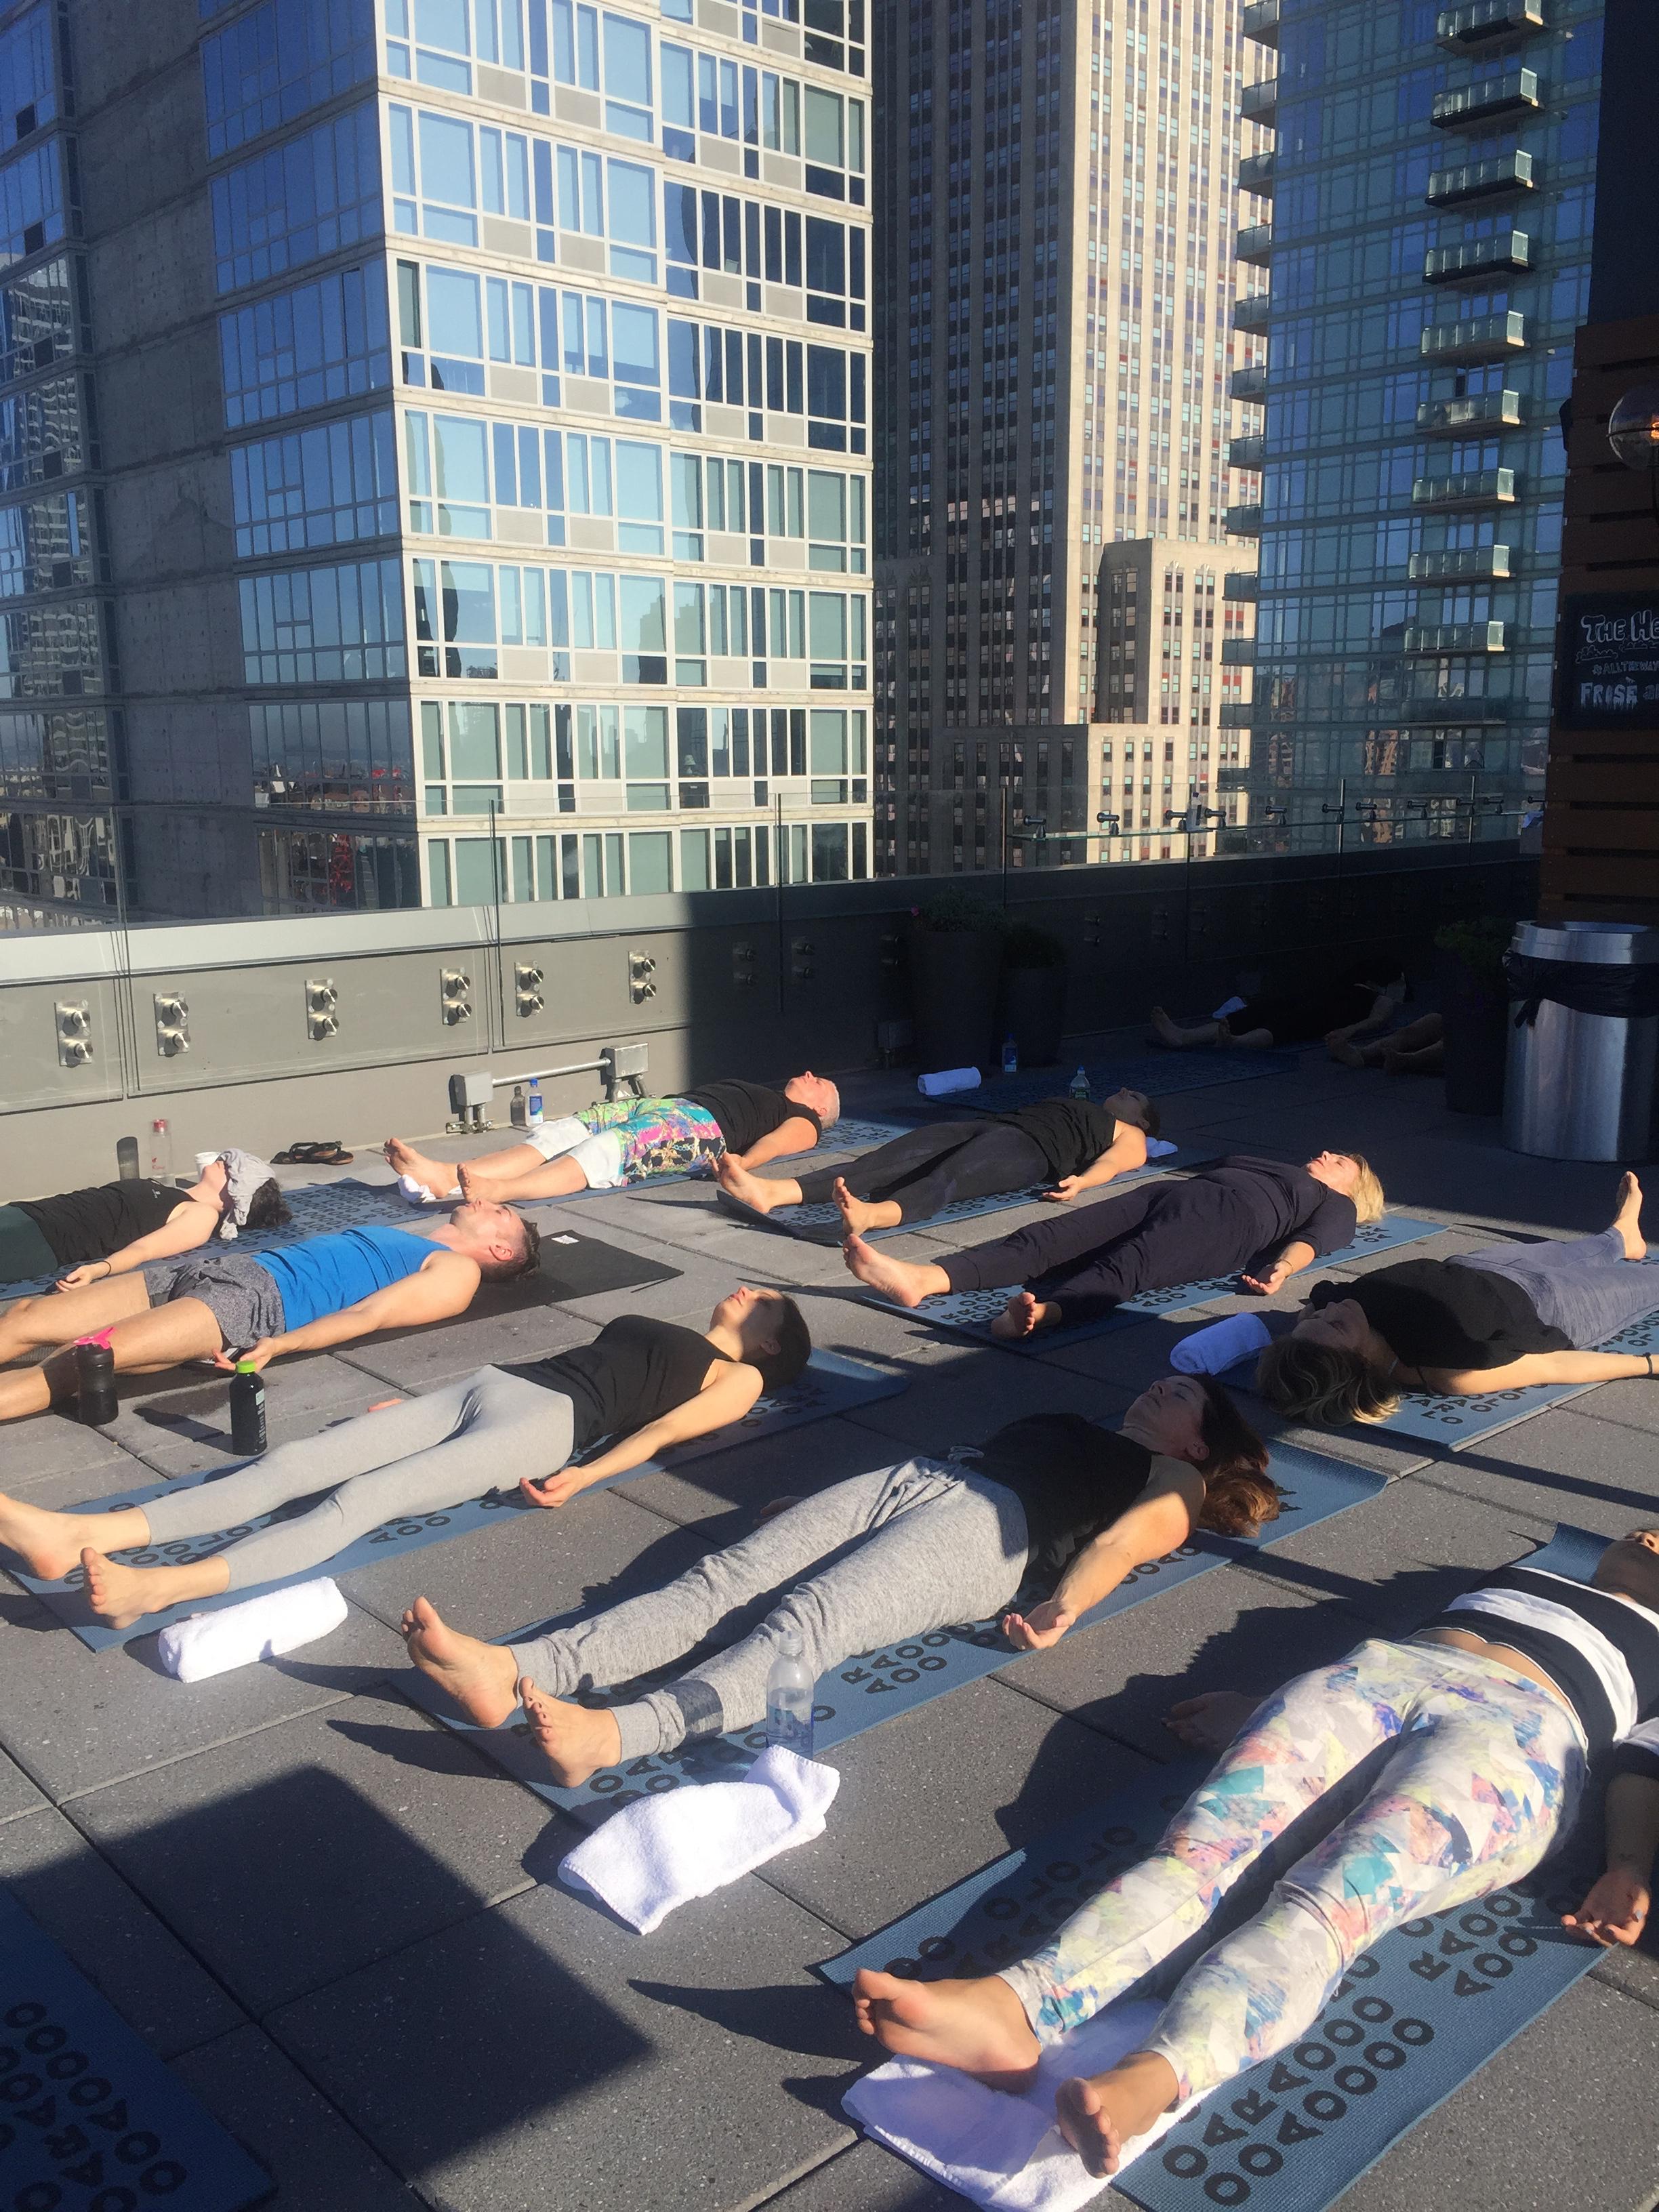 Copy of Copy of Arlo Hotel Yoga